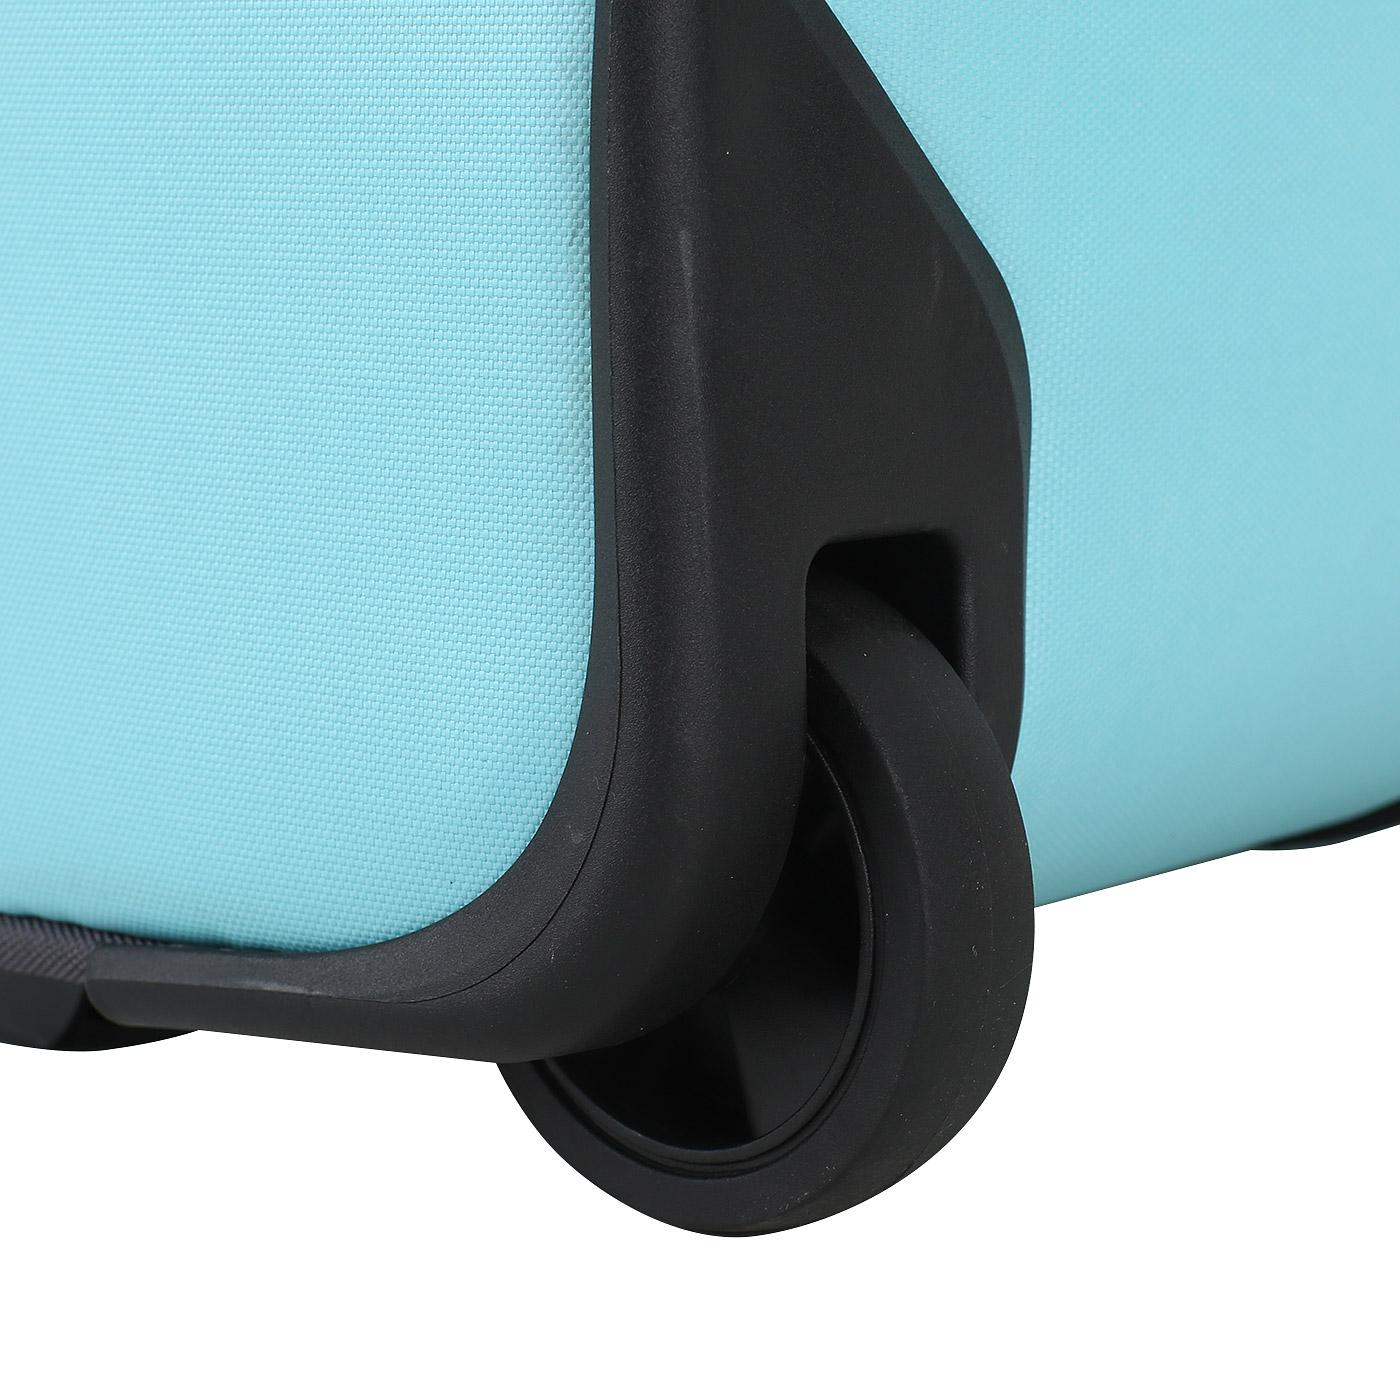 Чемодан для ручной клади тканевый с кодовым замком American Tourister  Instago ... 8499c361a62